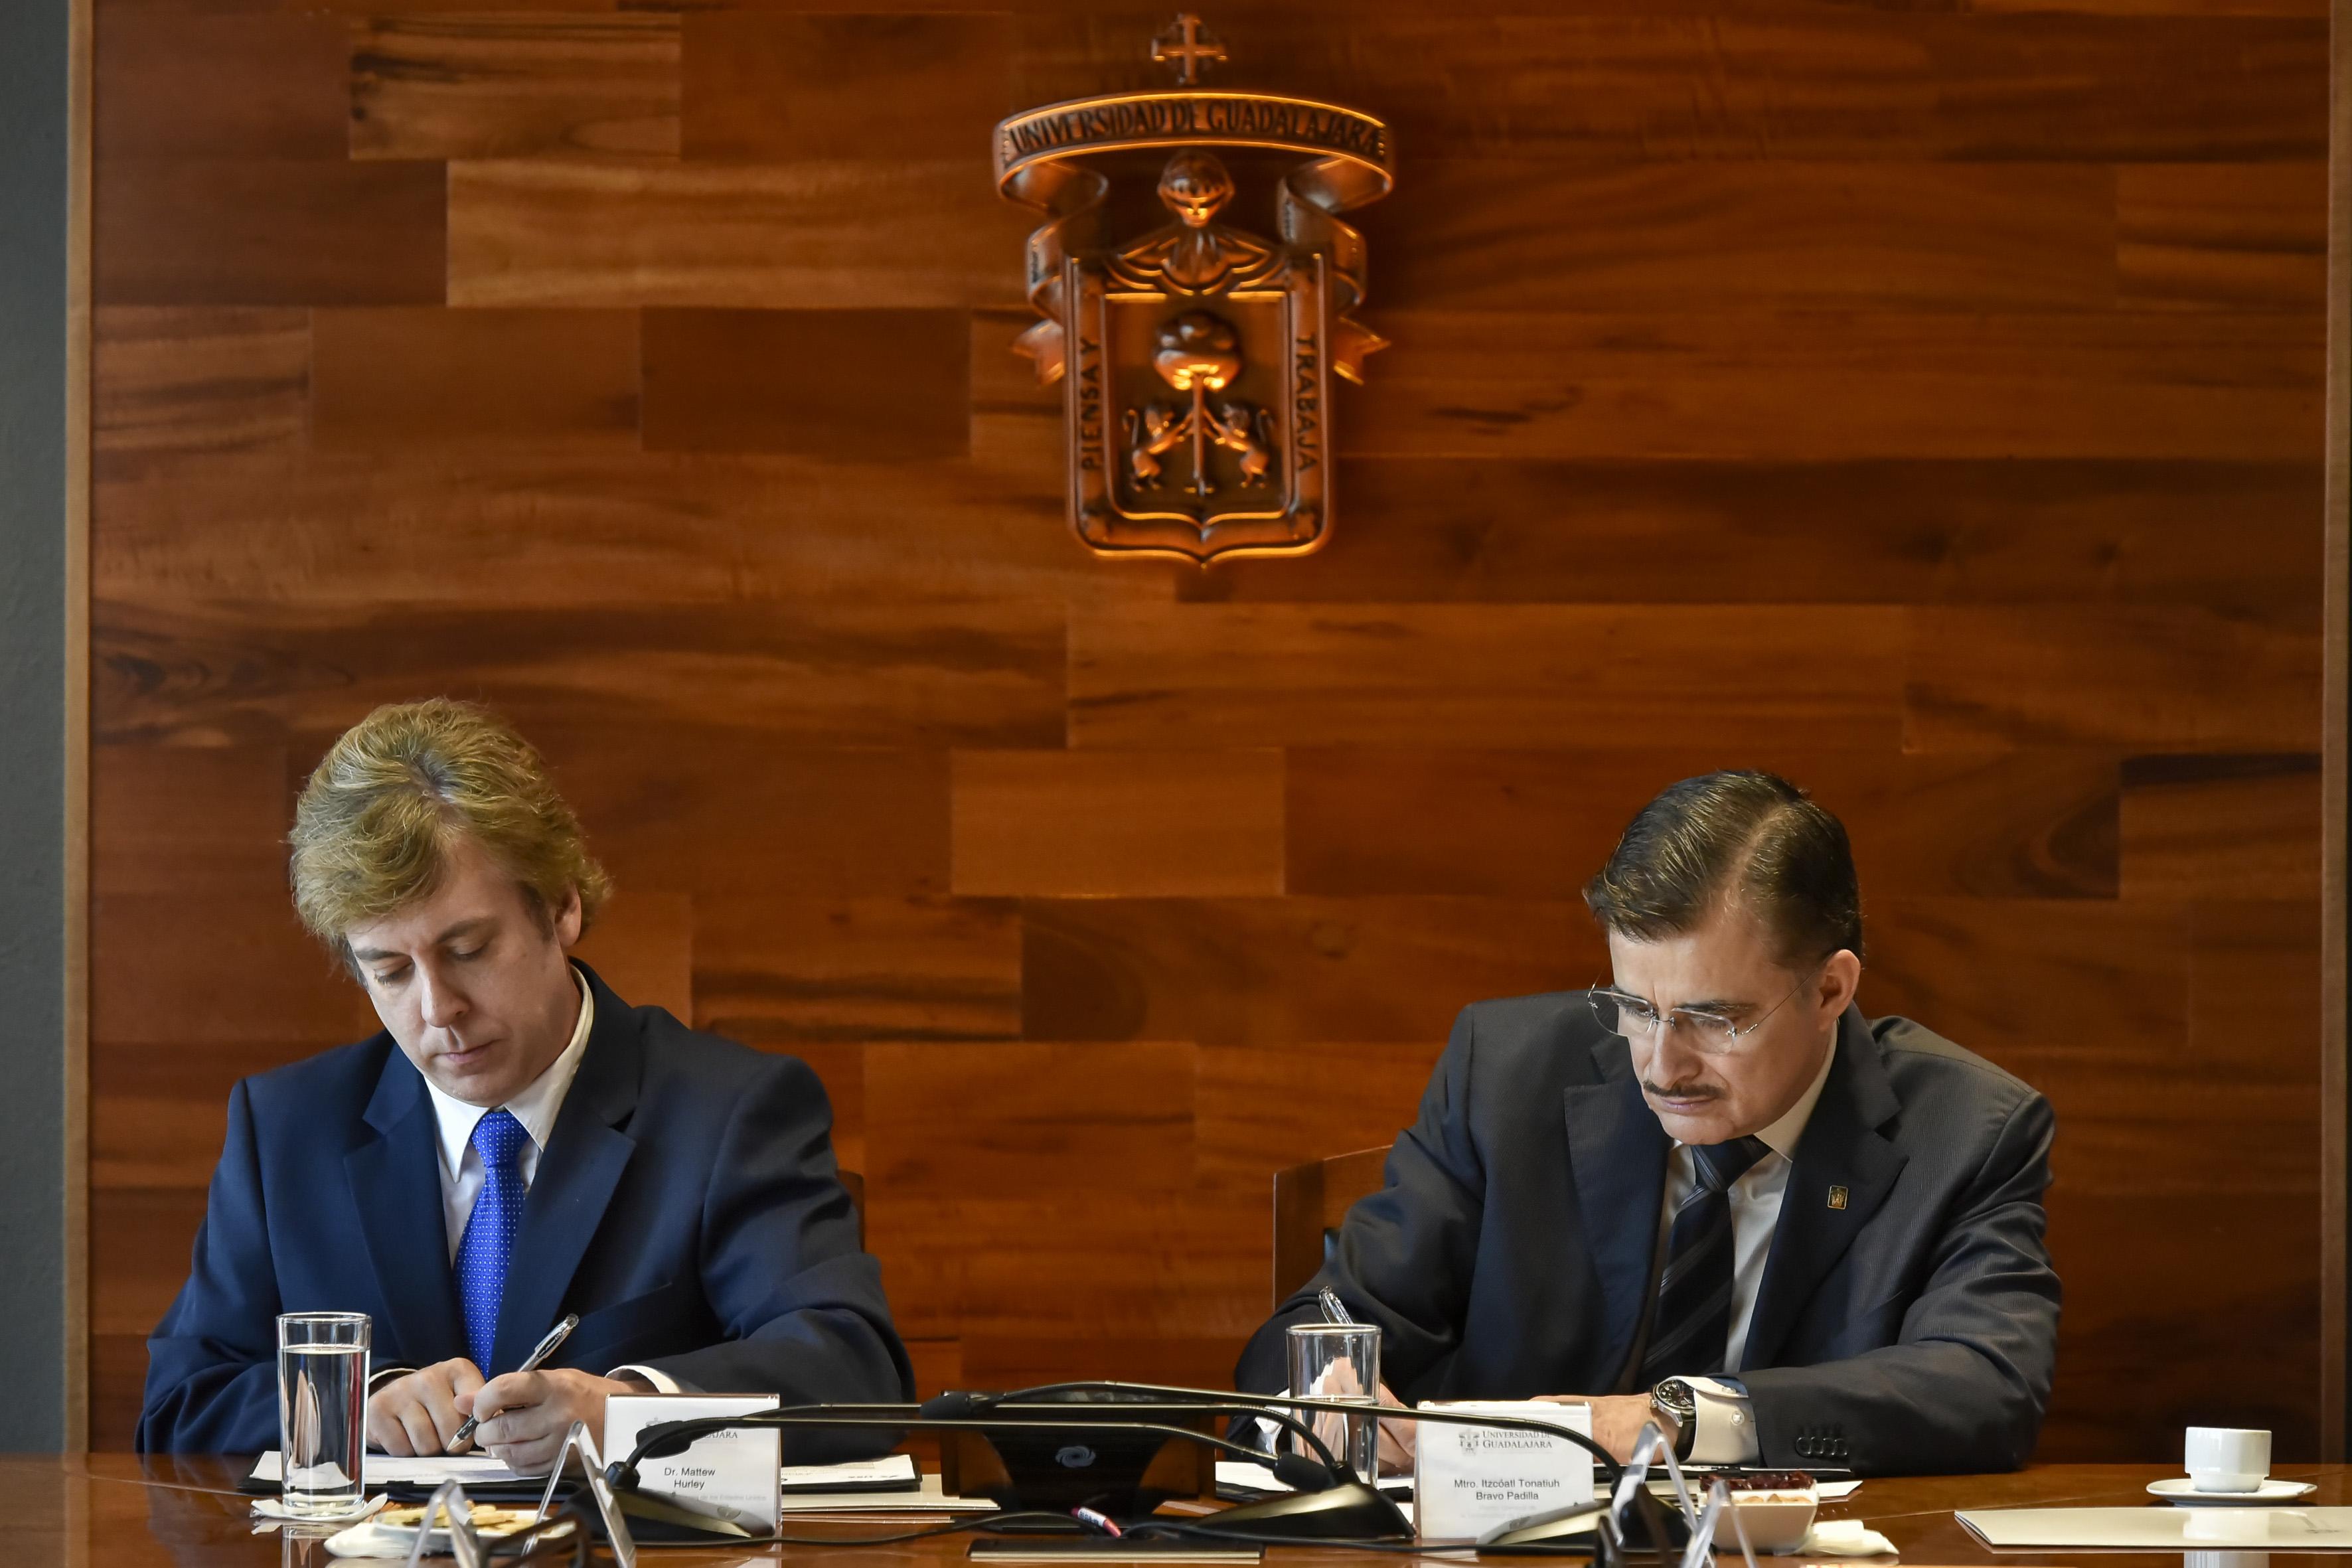 Matthew Hurley y  Rector General de la UdeG, maestro Itzcóatl Tonatiuh Bravo Padilla firmando convenios.